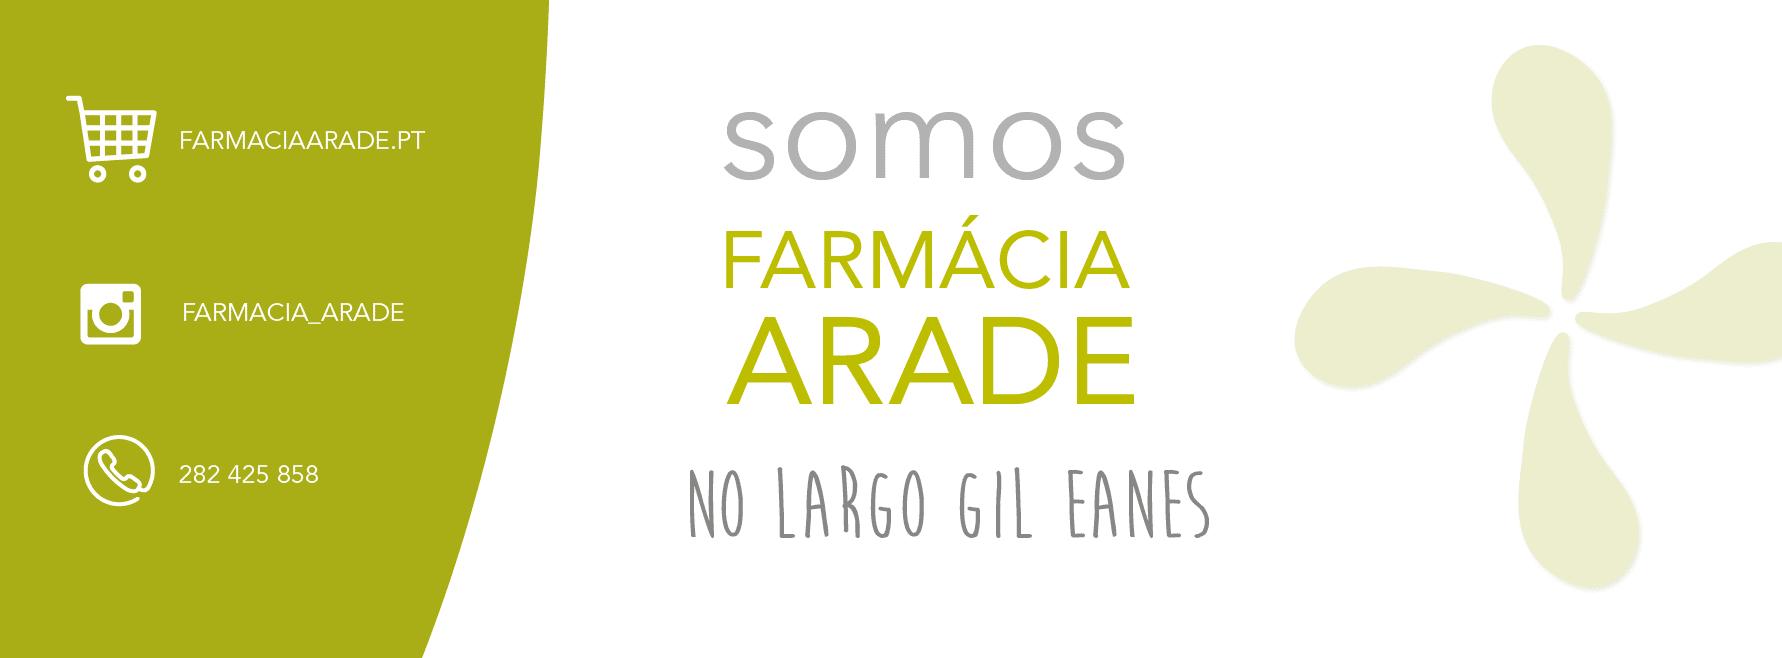 Farmácia Online - Loja Online da Farmácia Arade